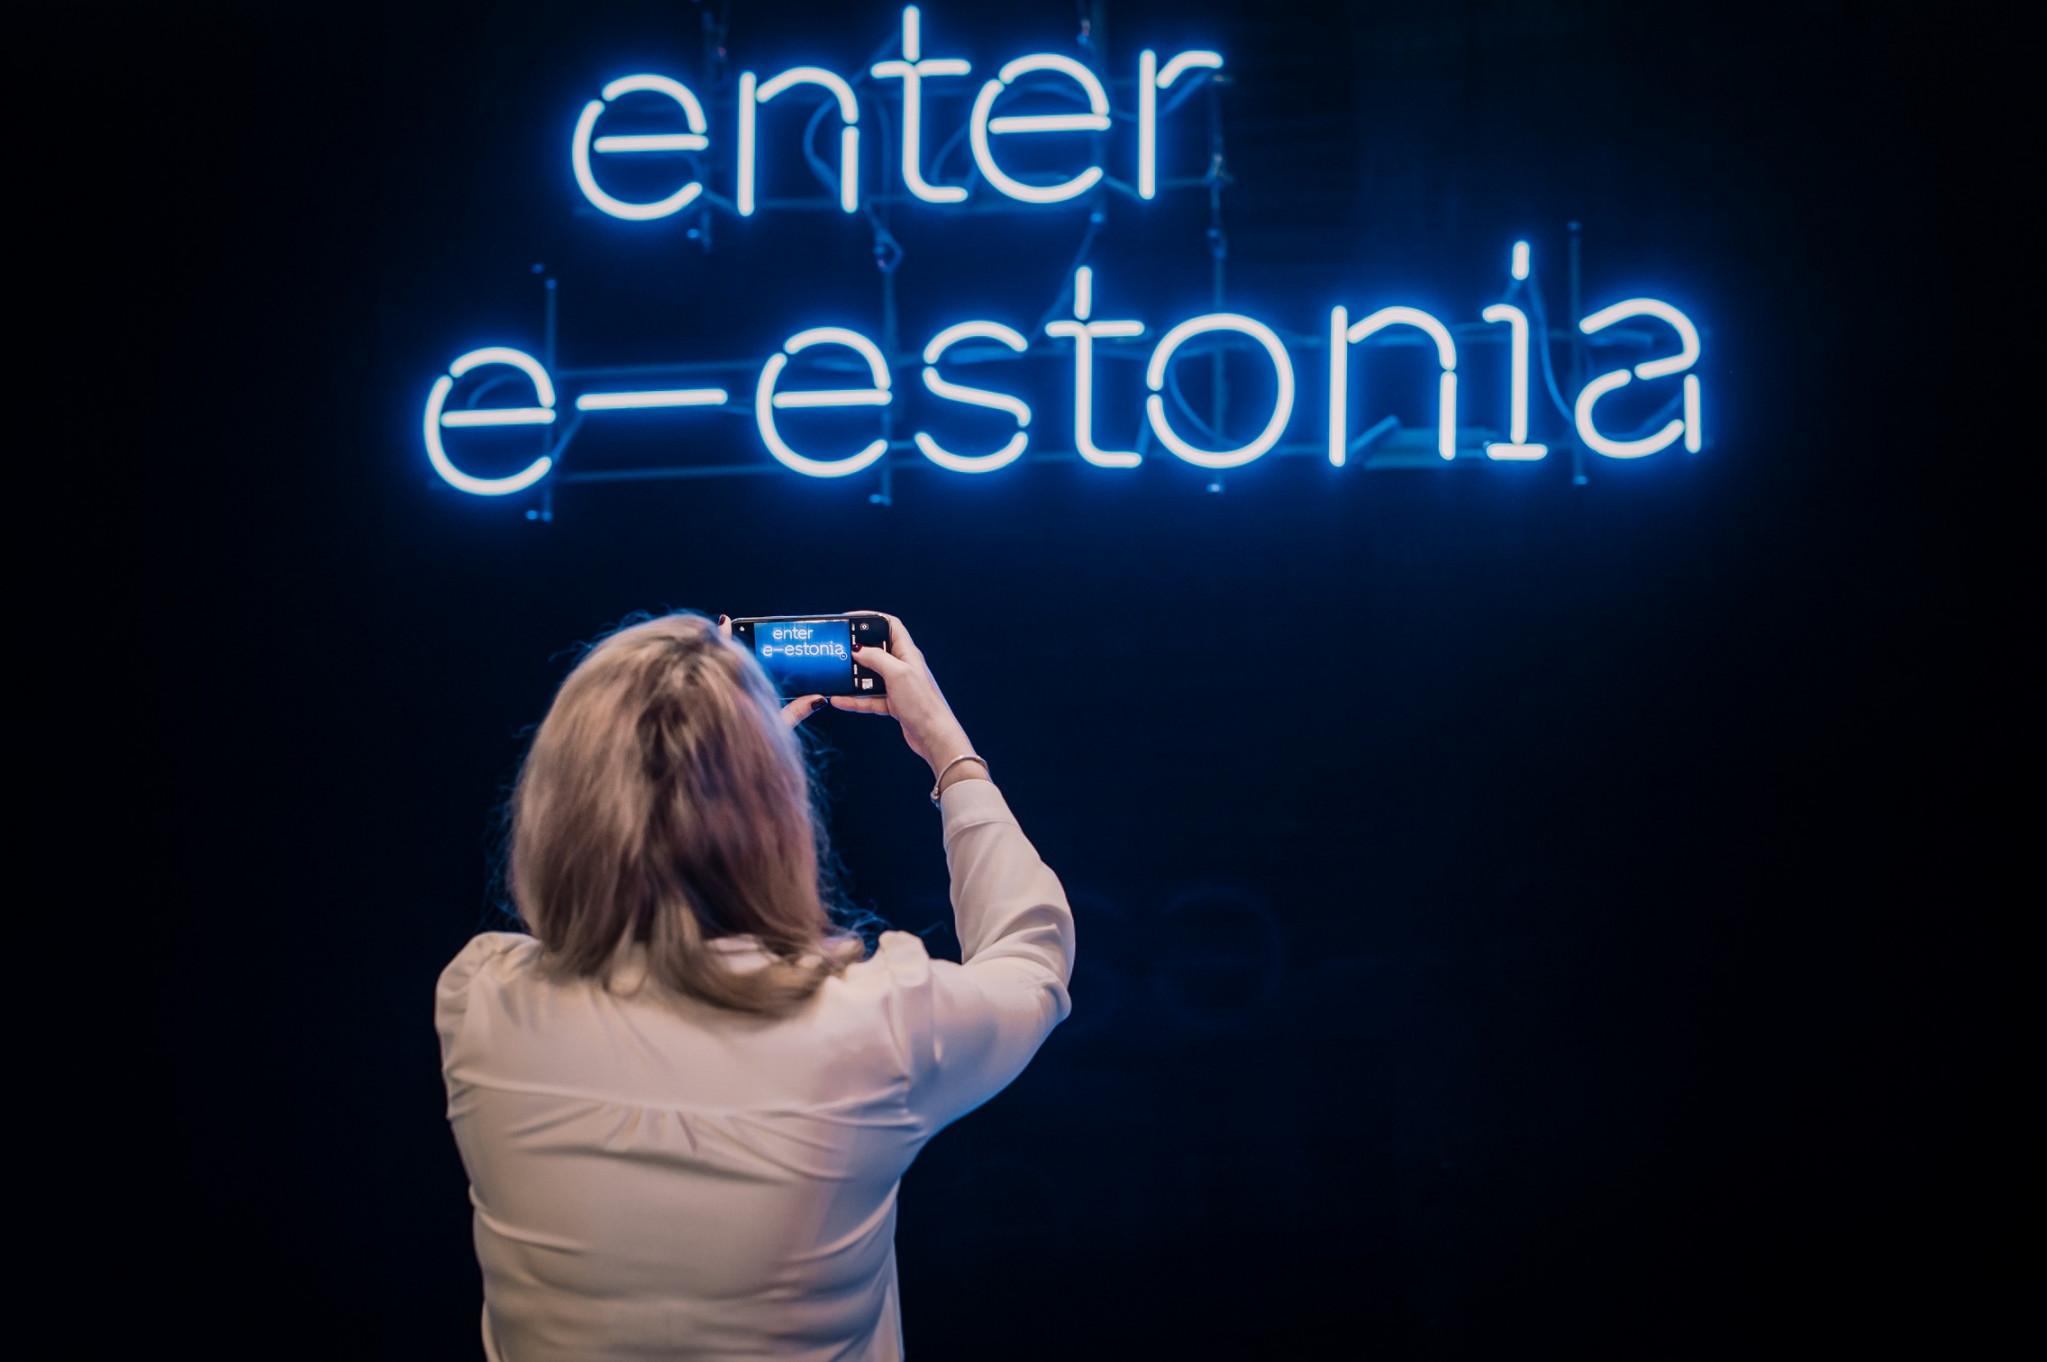 e-Estonia Briefing Centre